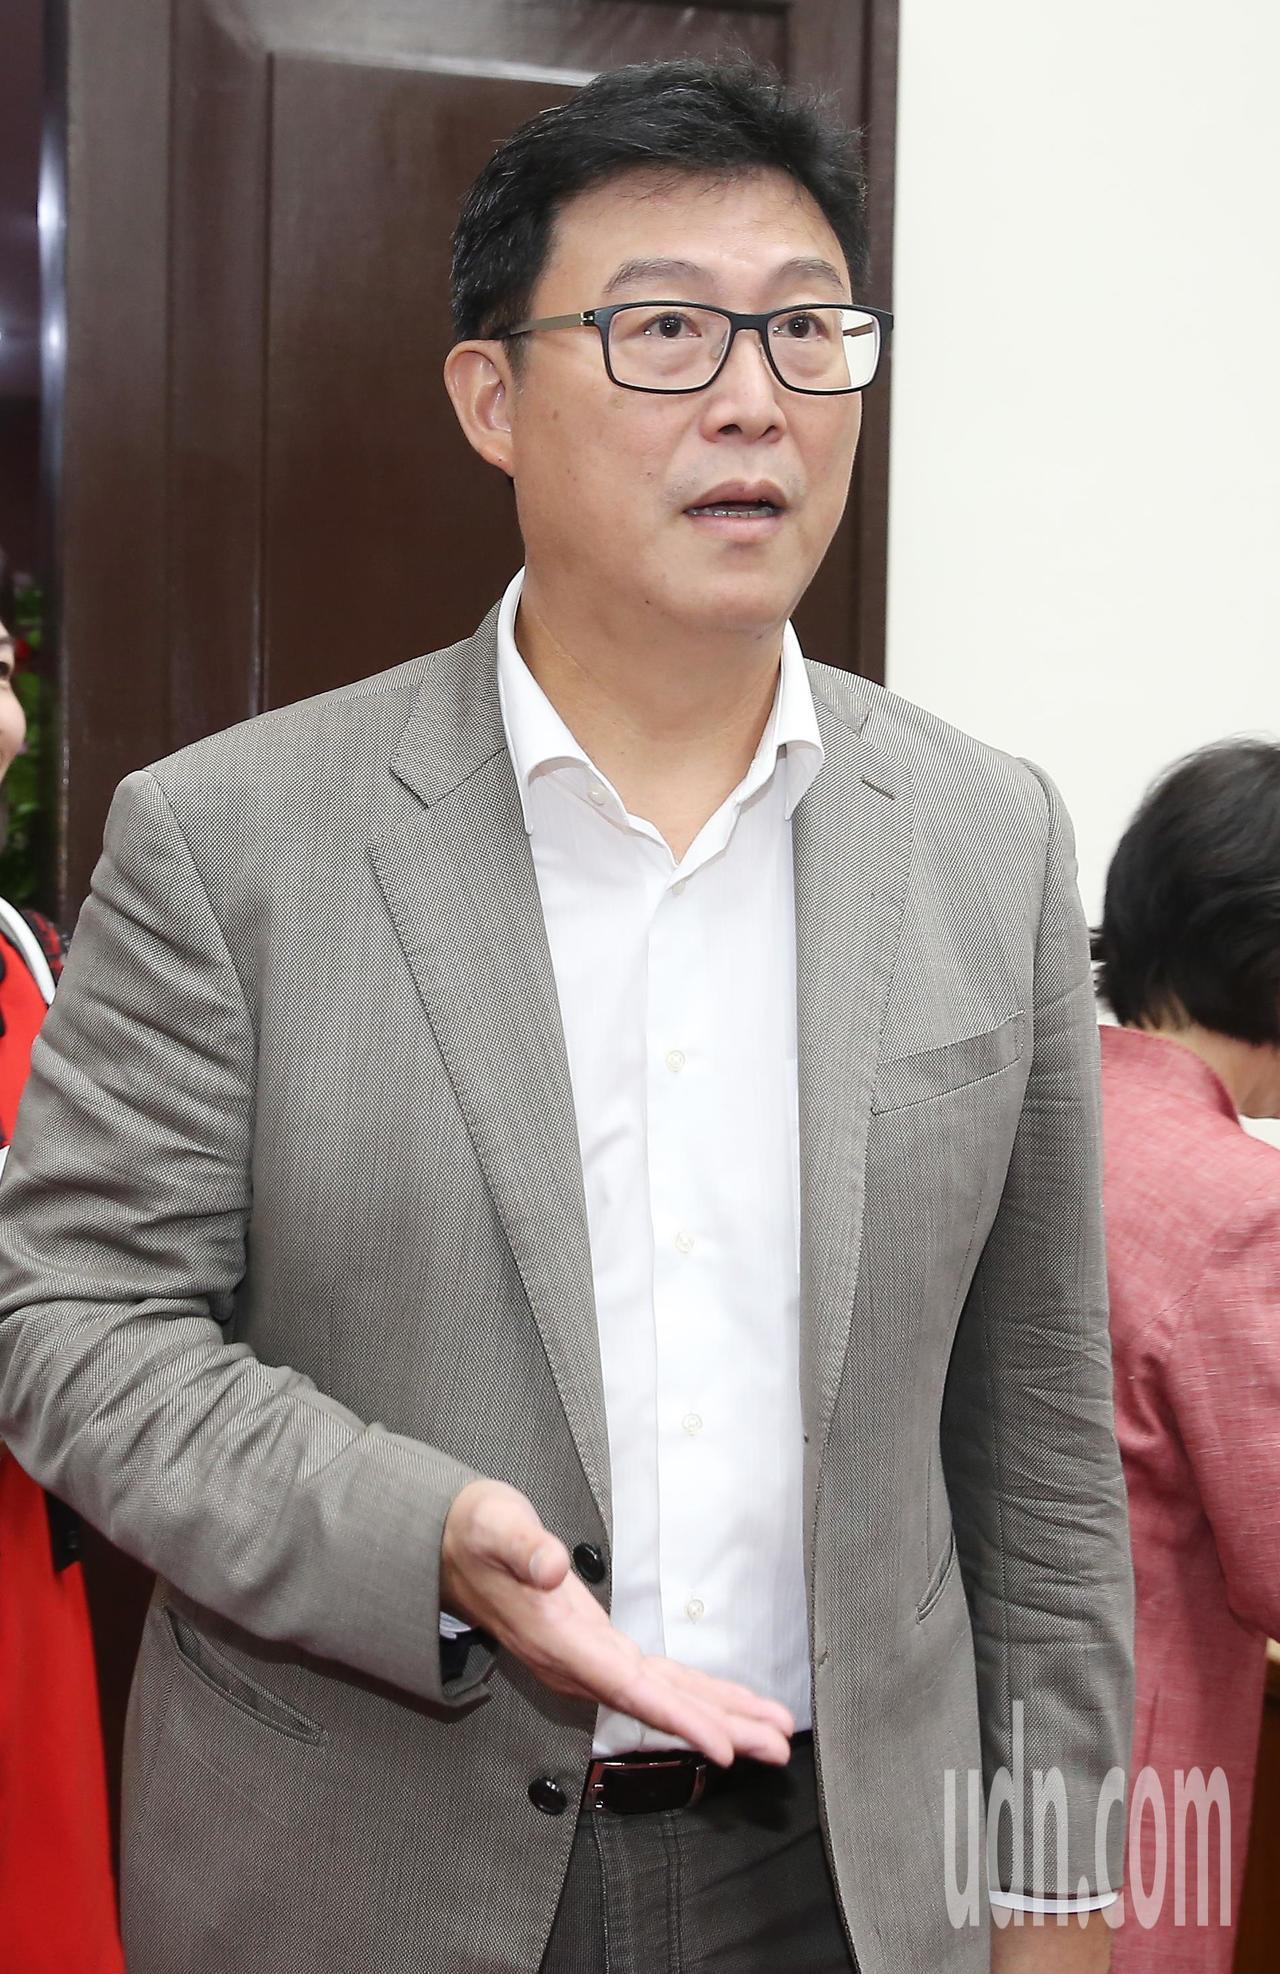 民進黨台北市長參選人姚文智上午出席社會創新國會成立大會,他自信地說自己當然是王牌...